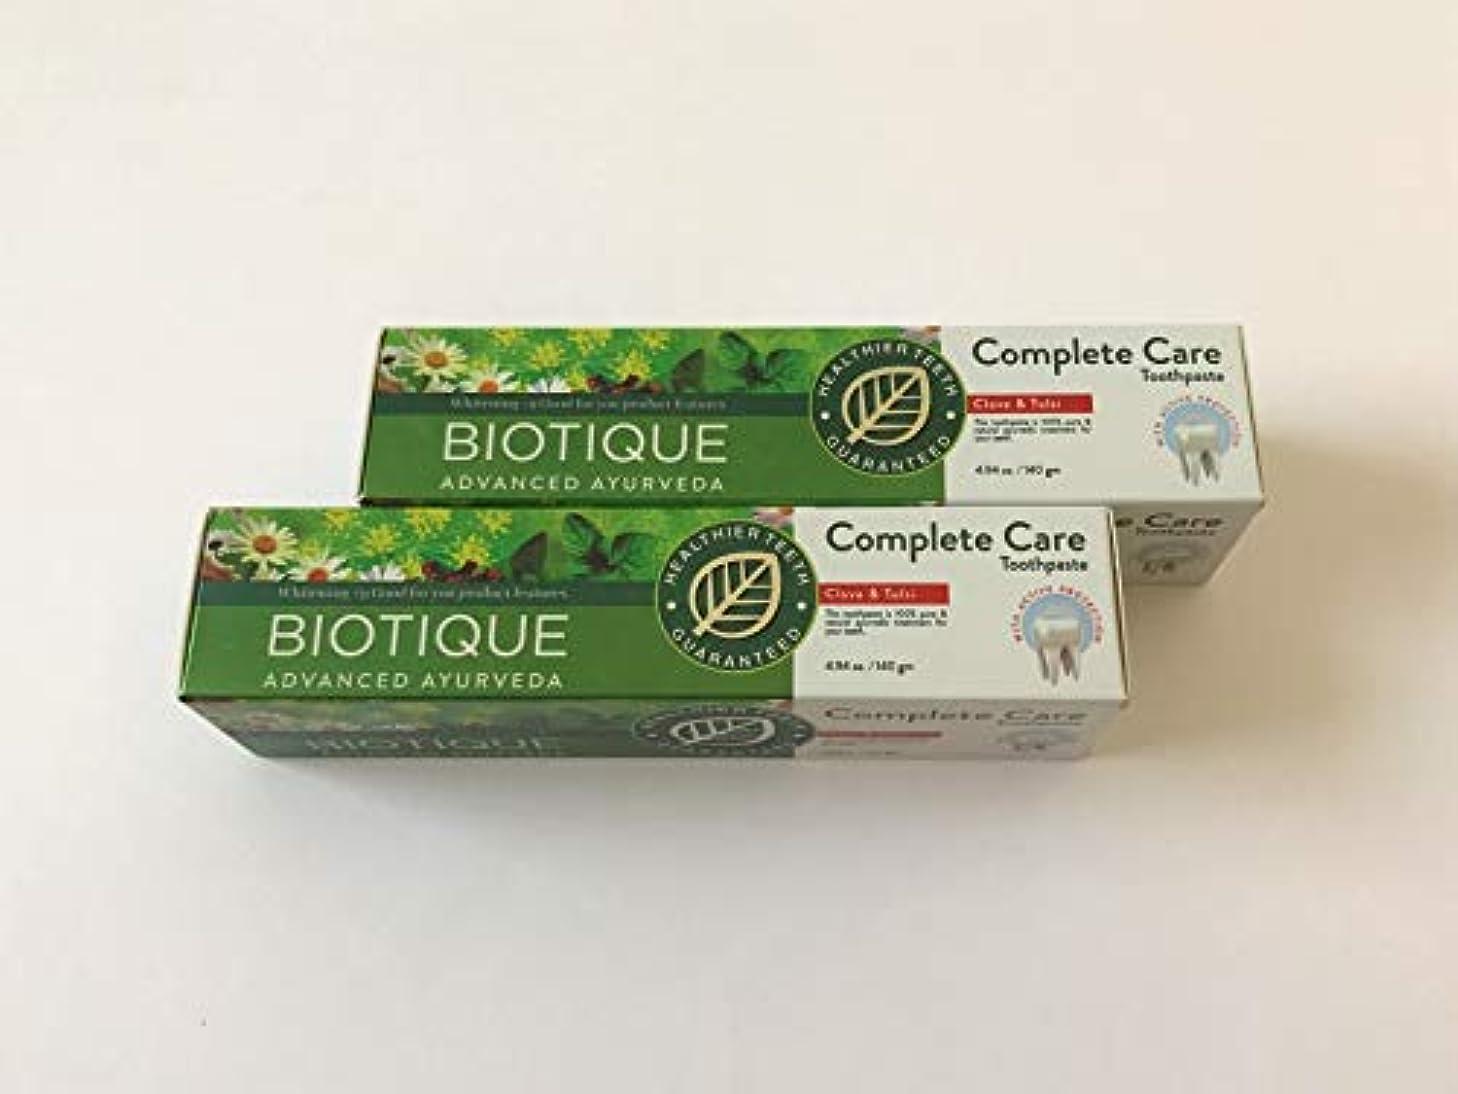 いろいろシャープ準備するバイオティーク アーユルヴェーダ コンプリートケア 歯磨き粉 140g 2本セット(箱あり)